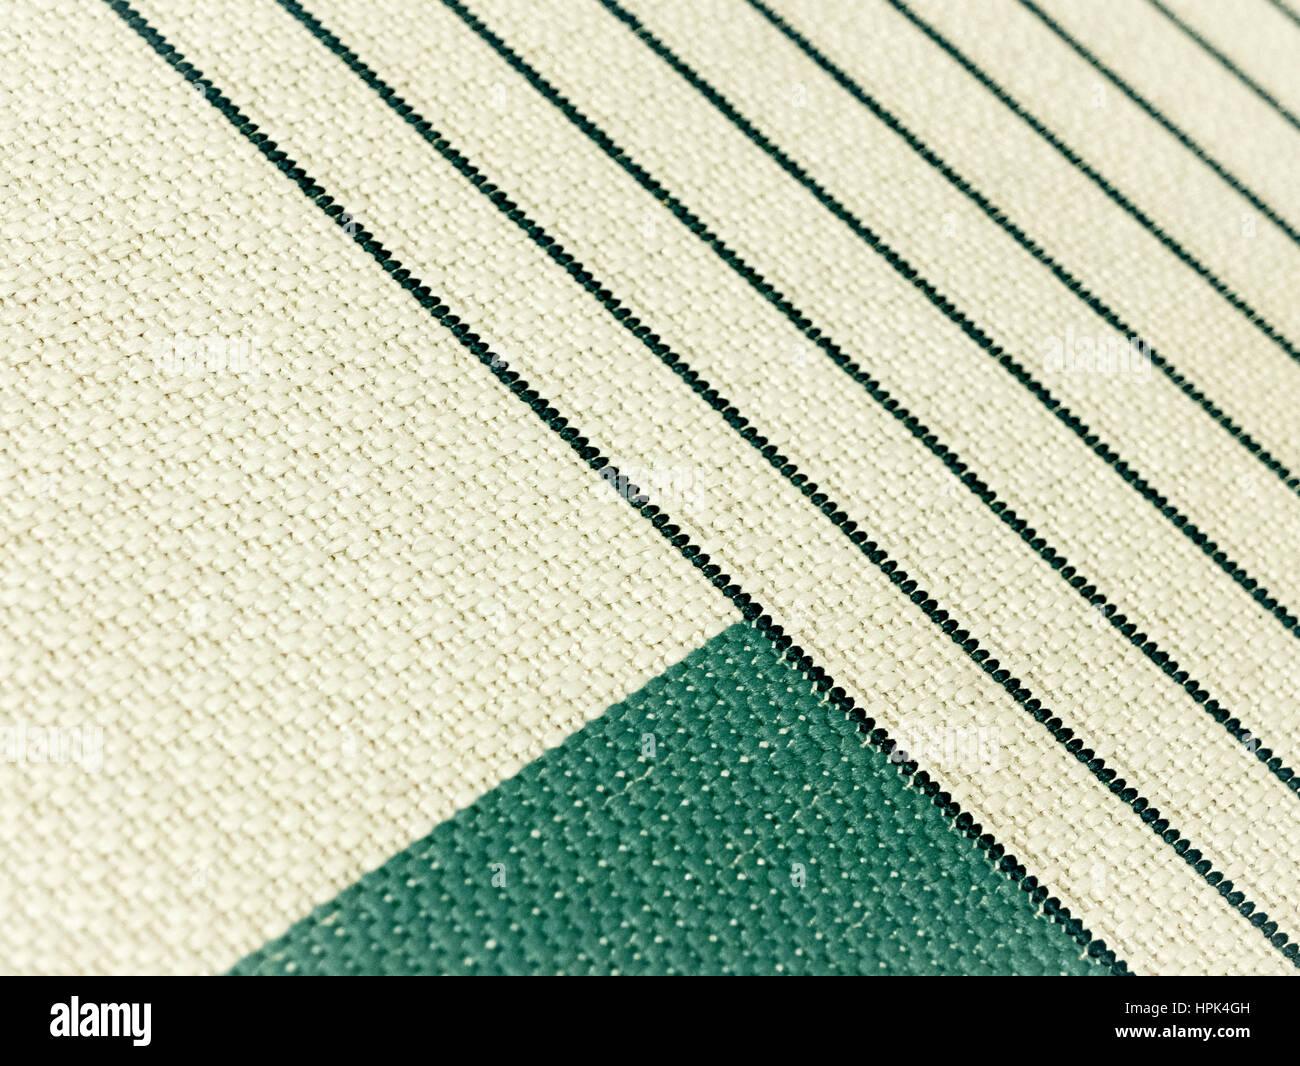 Triangles Floor Imágenes De Stock & Triangles Floor Fotos De Stock ...